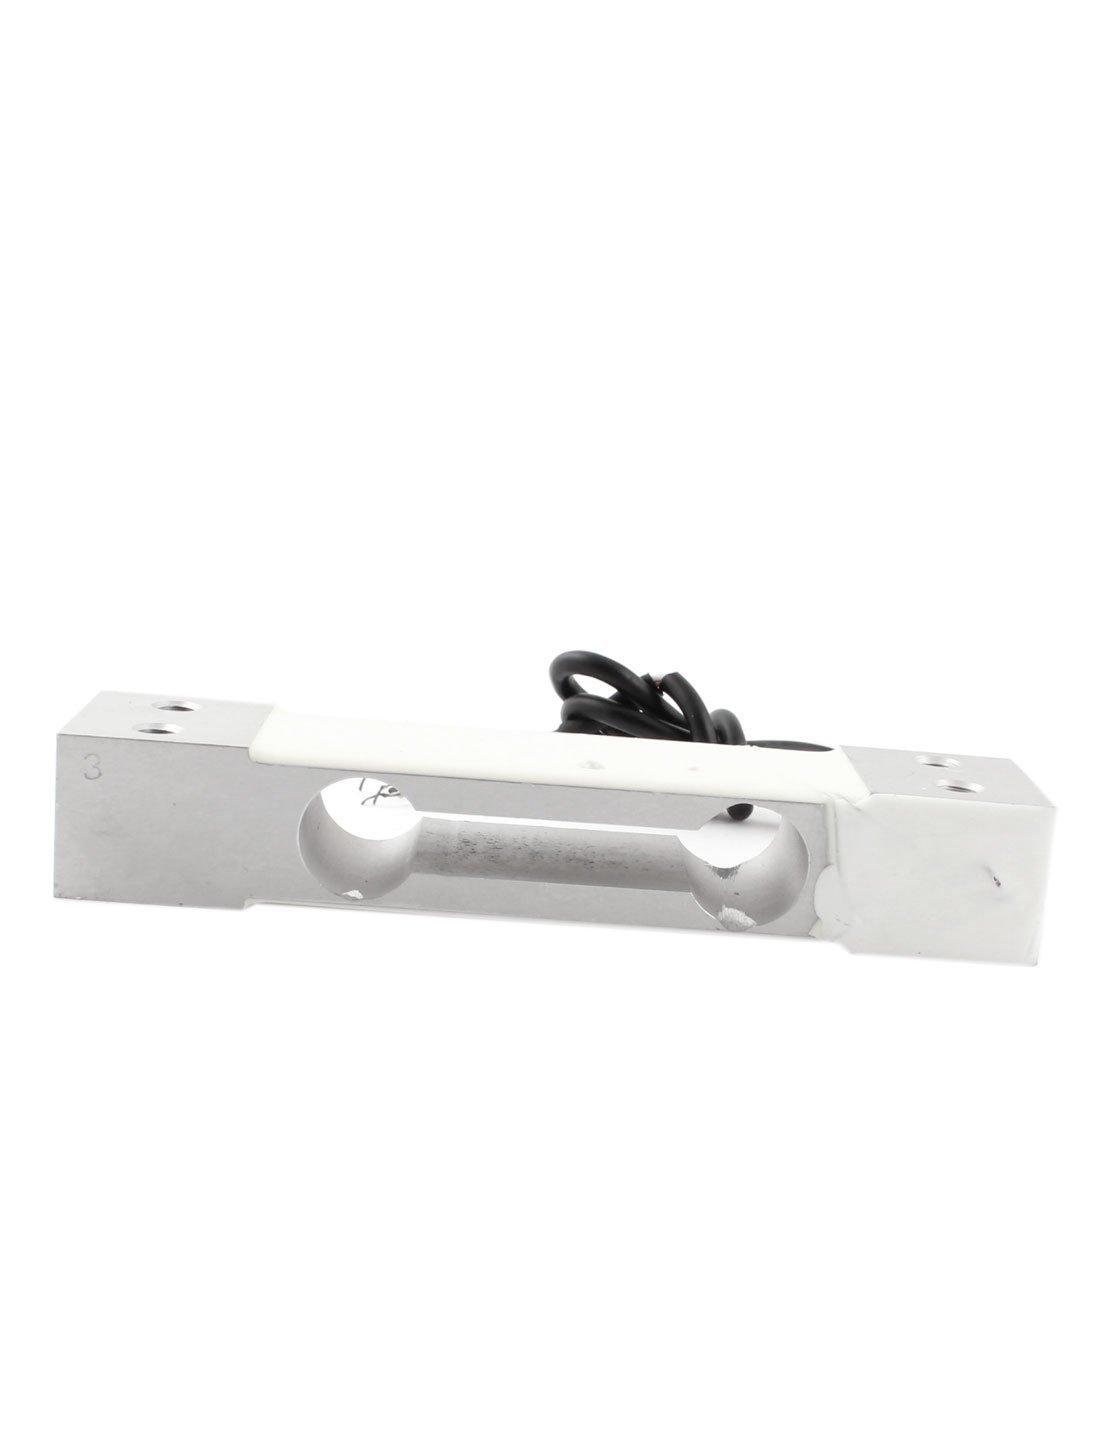 Amazon.com: YAC-1B 3 kg 6.6lb aleación de aluminio Plataforma de la báscula electrónica de la celda de carga: Industrial & Scientific